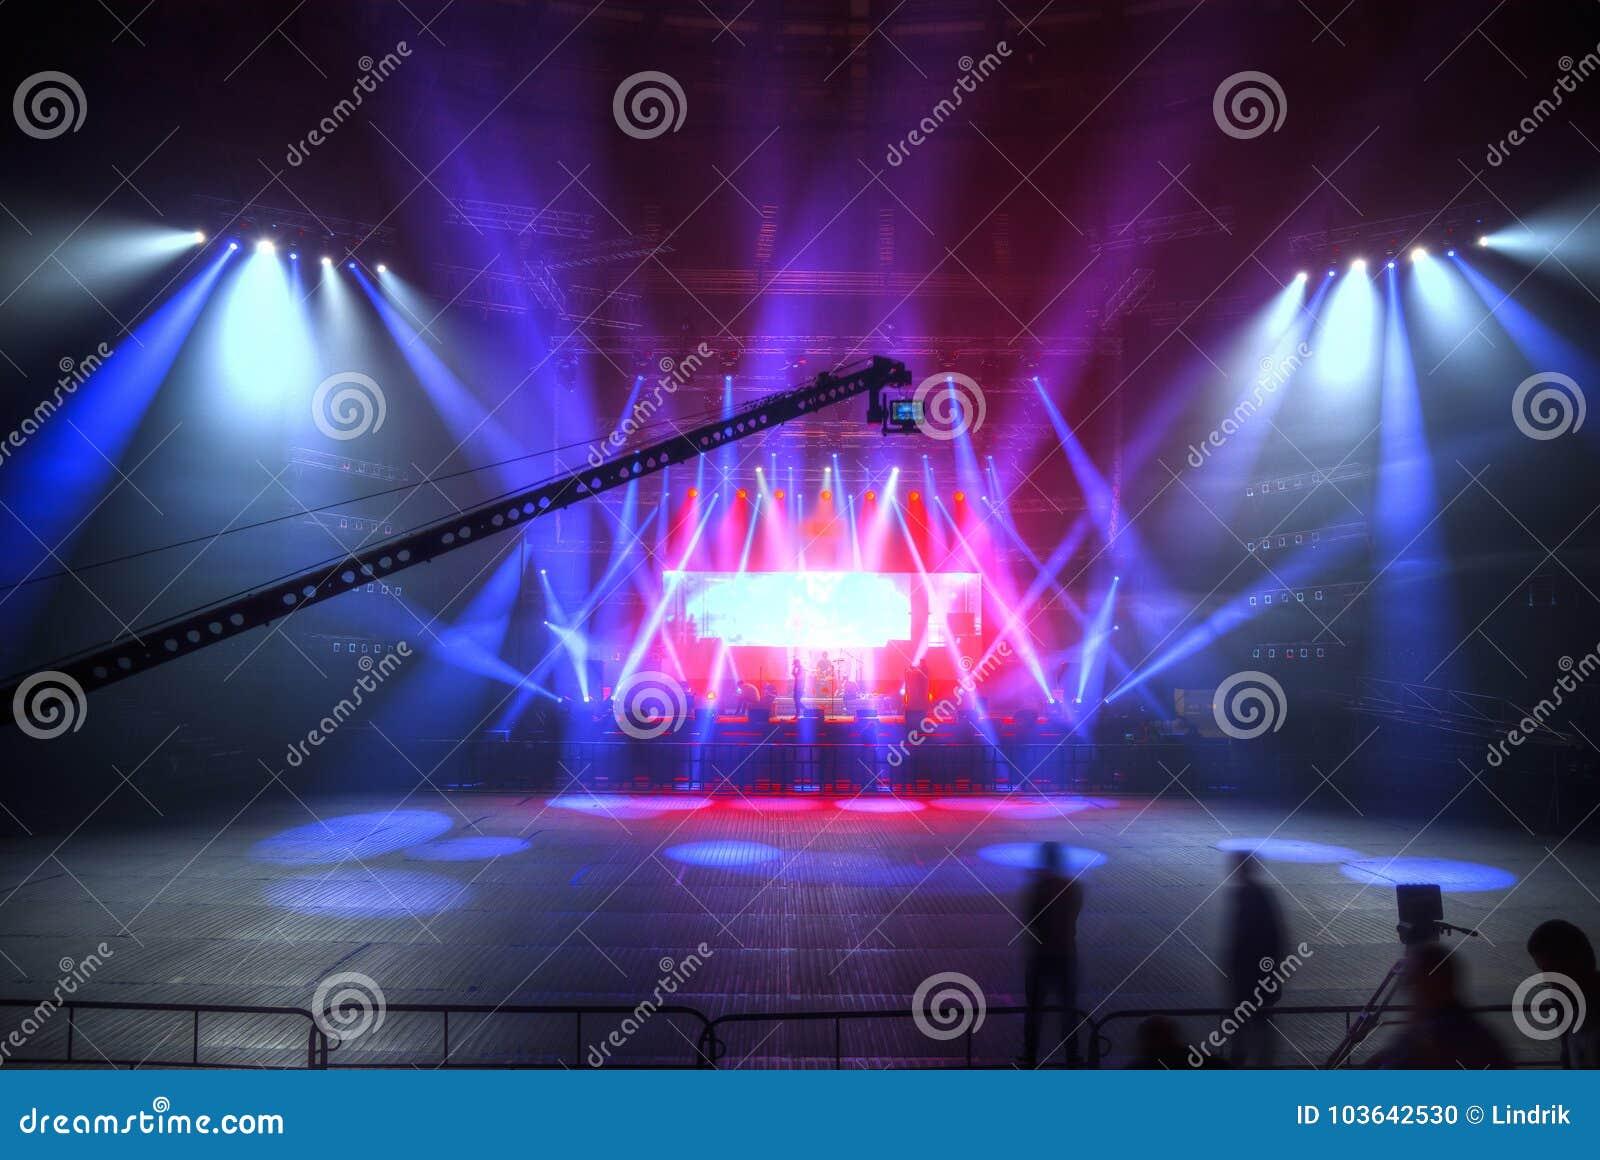 Preparación para un concierto